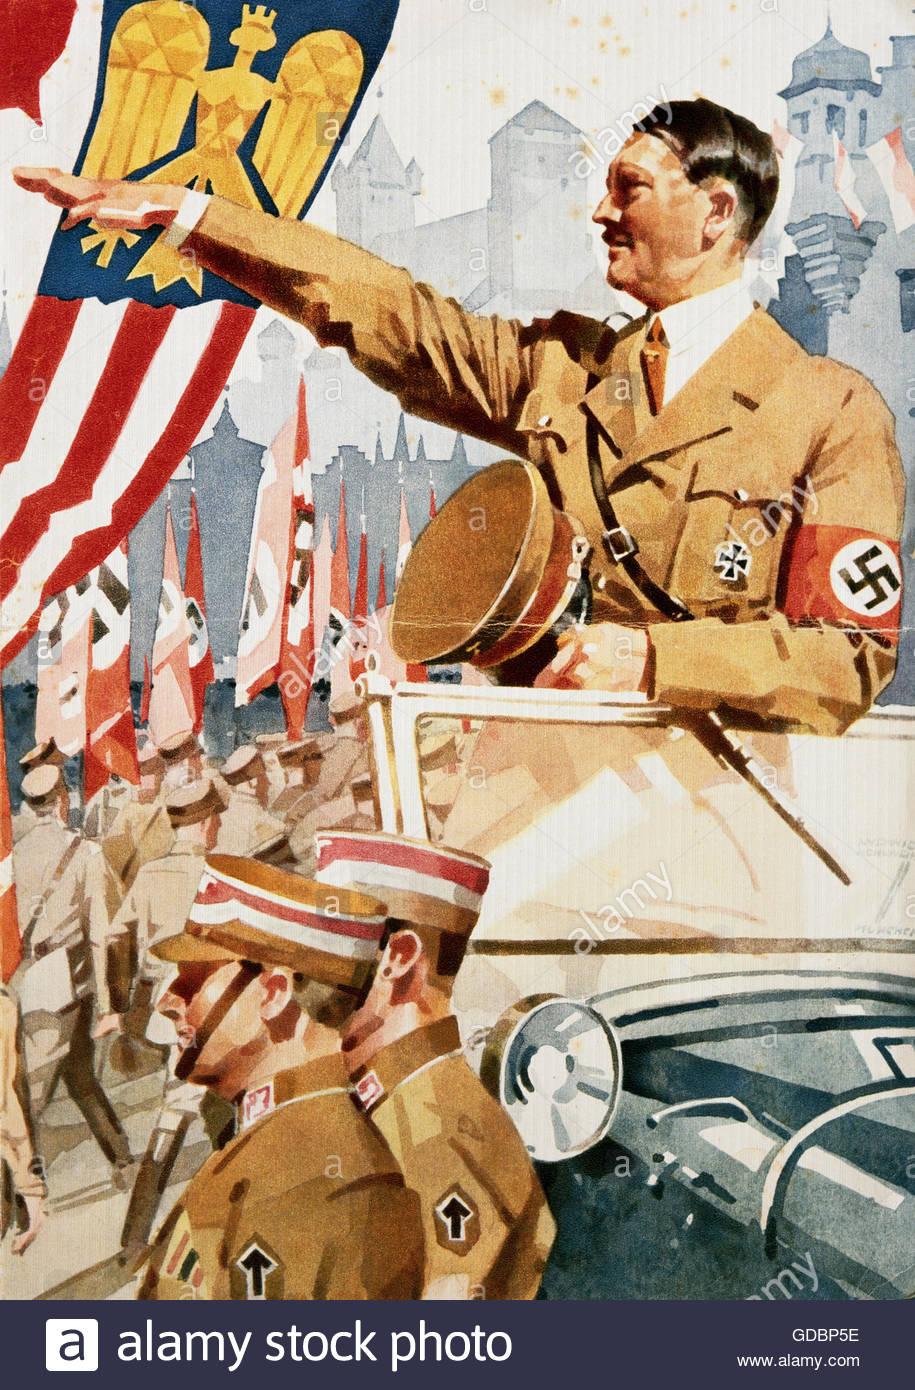 Hitler, Adolf, 20.4.1889 - 30.4.1945, German politician(NSDAP), Reich Chancellor, 30.1.1933 - 30.4.1945, saluting - Stock Image